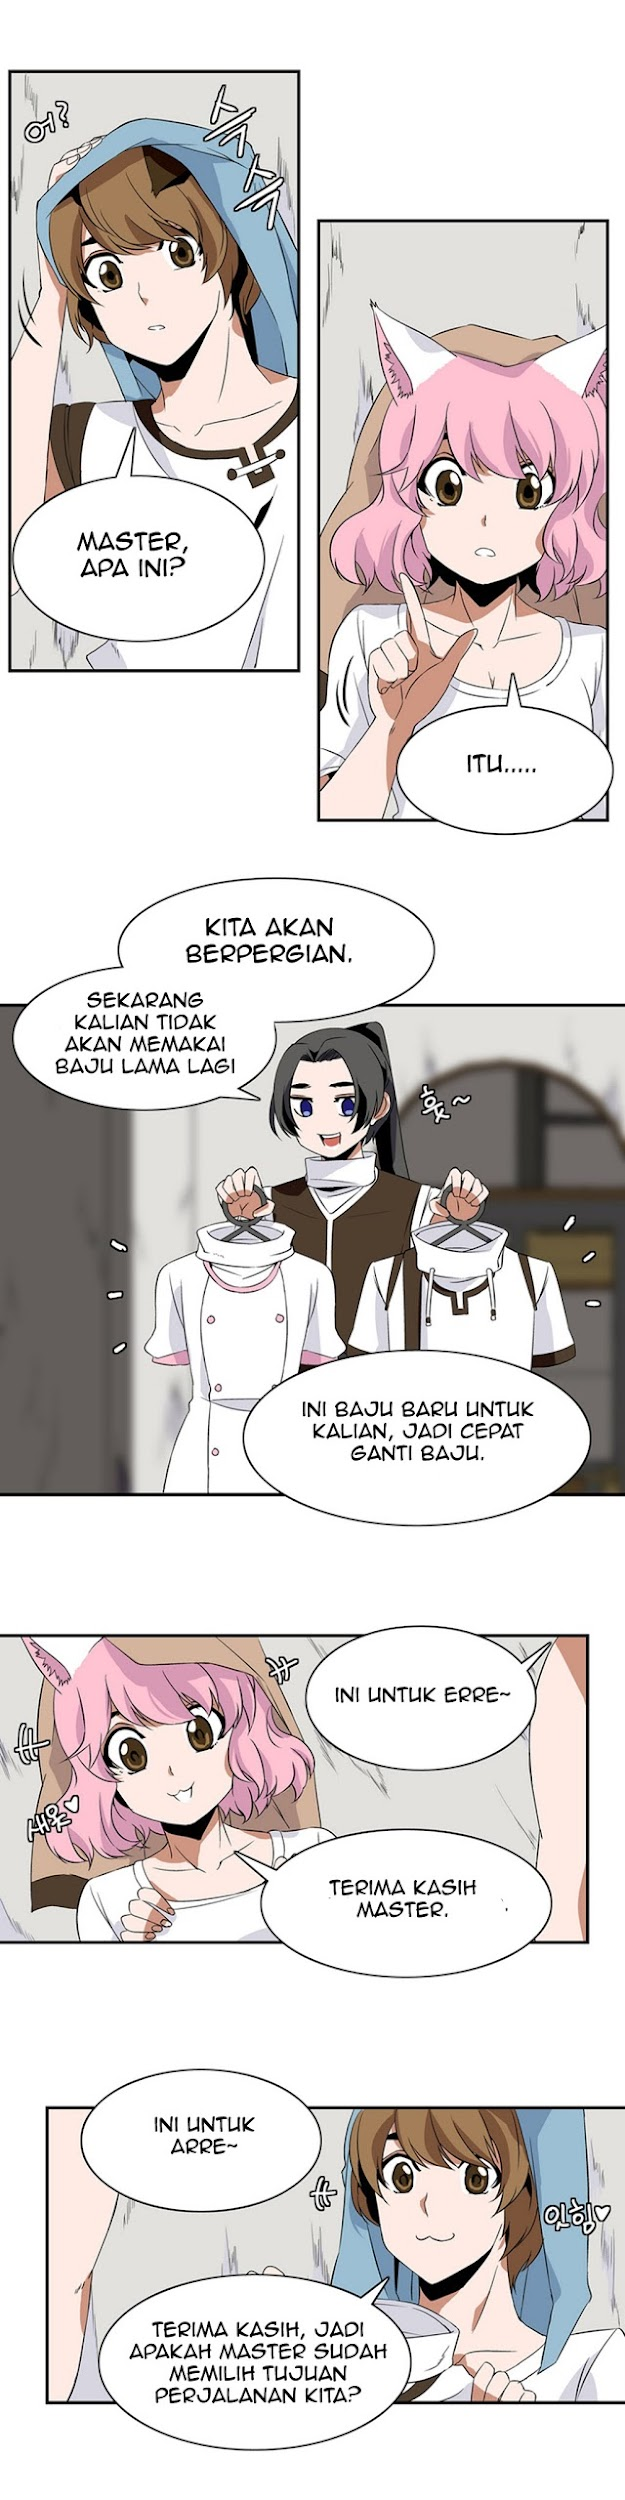 Dilarang COPAS - situs resmi www.mangacanblog.com - Komik wizardly tower 007 - chapter 7 8 Indonesia wizardly tower 007 - chapter 7 Terbaru 15 Baca Manga Komik Indonesia Mangacan